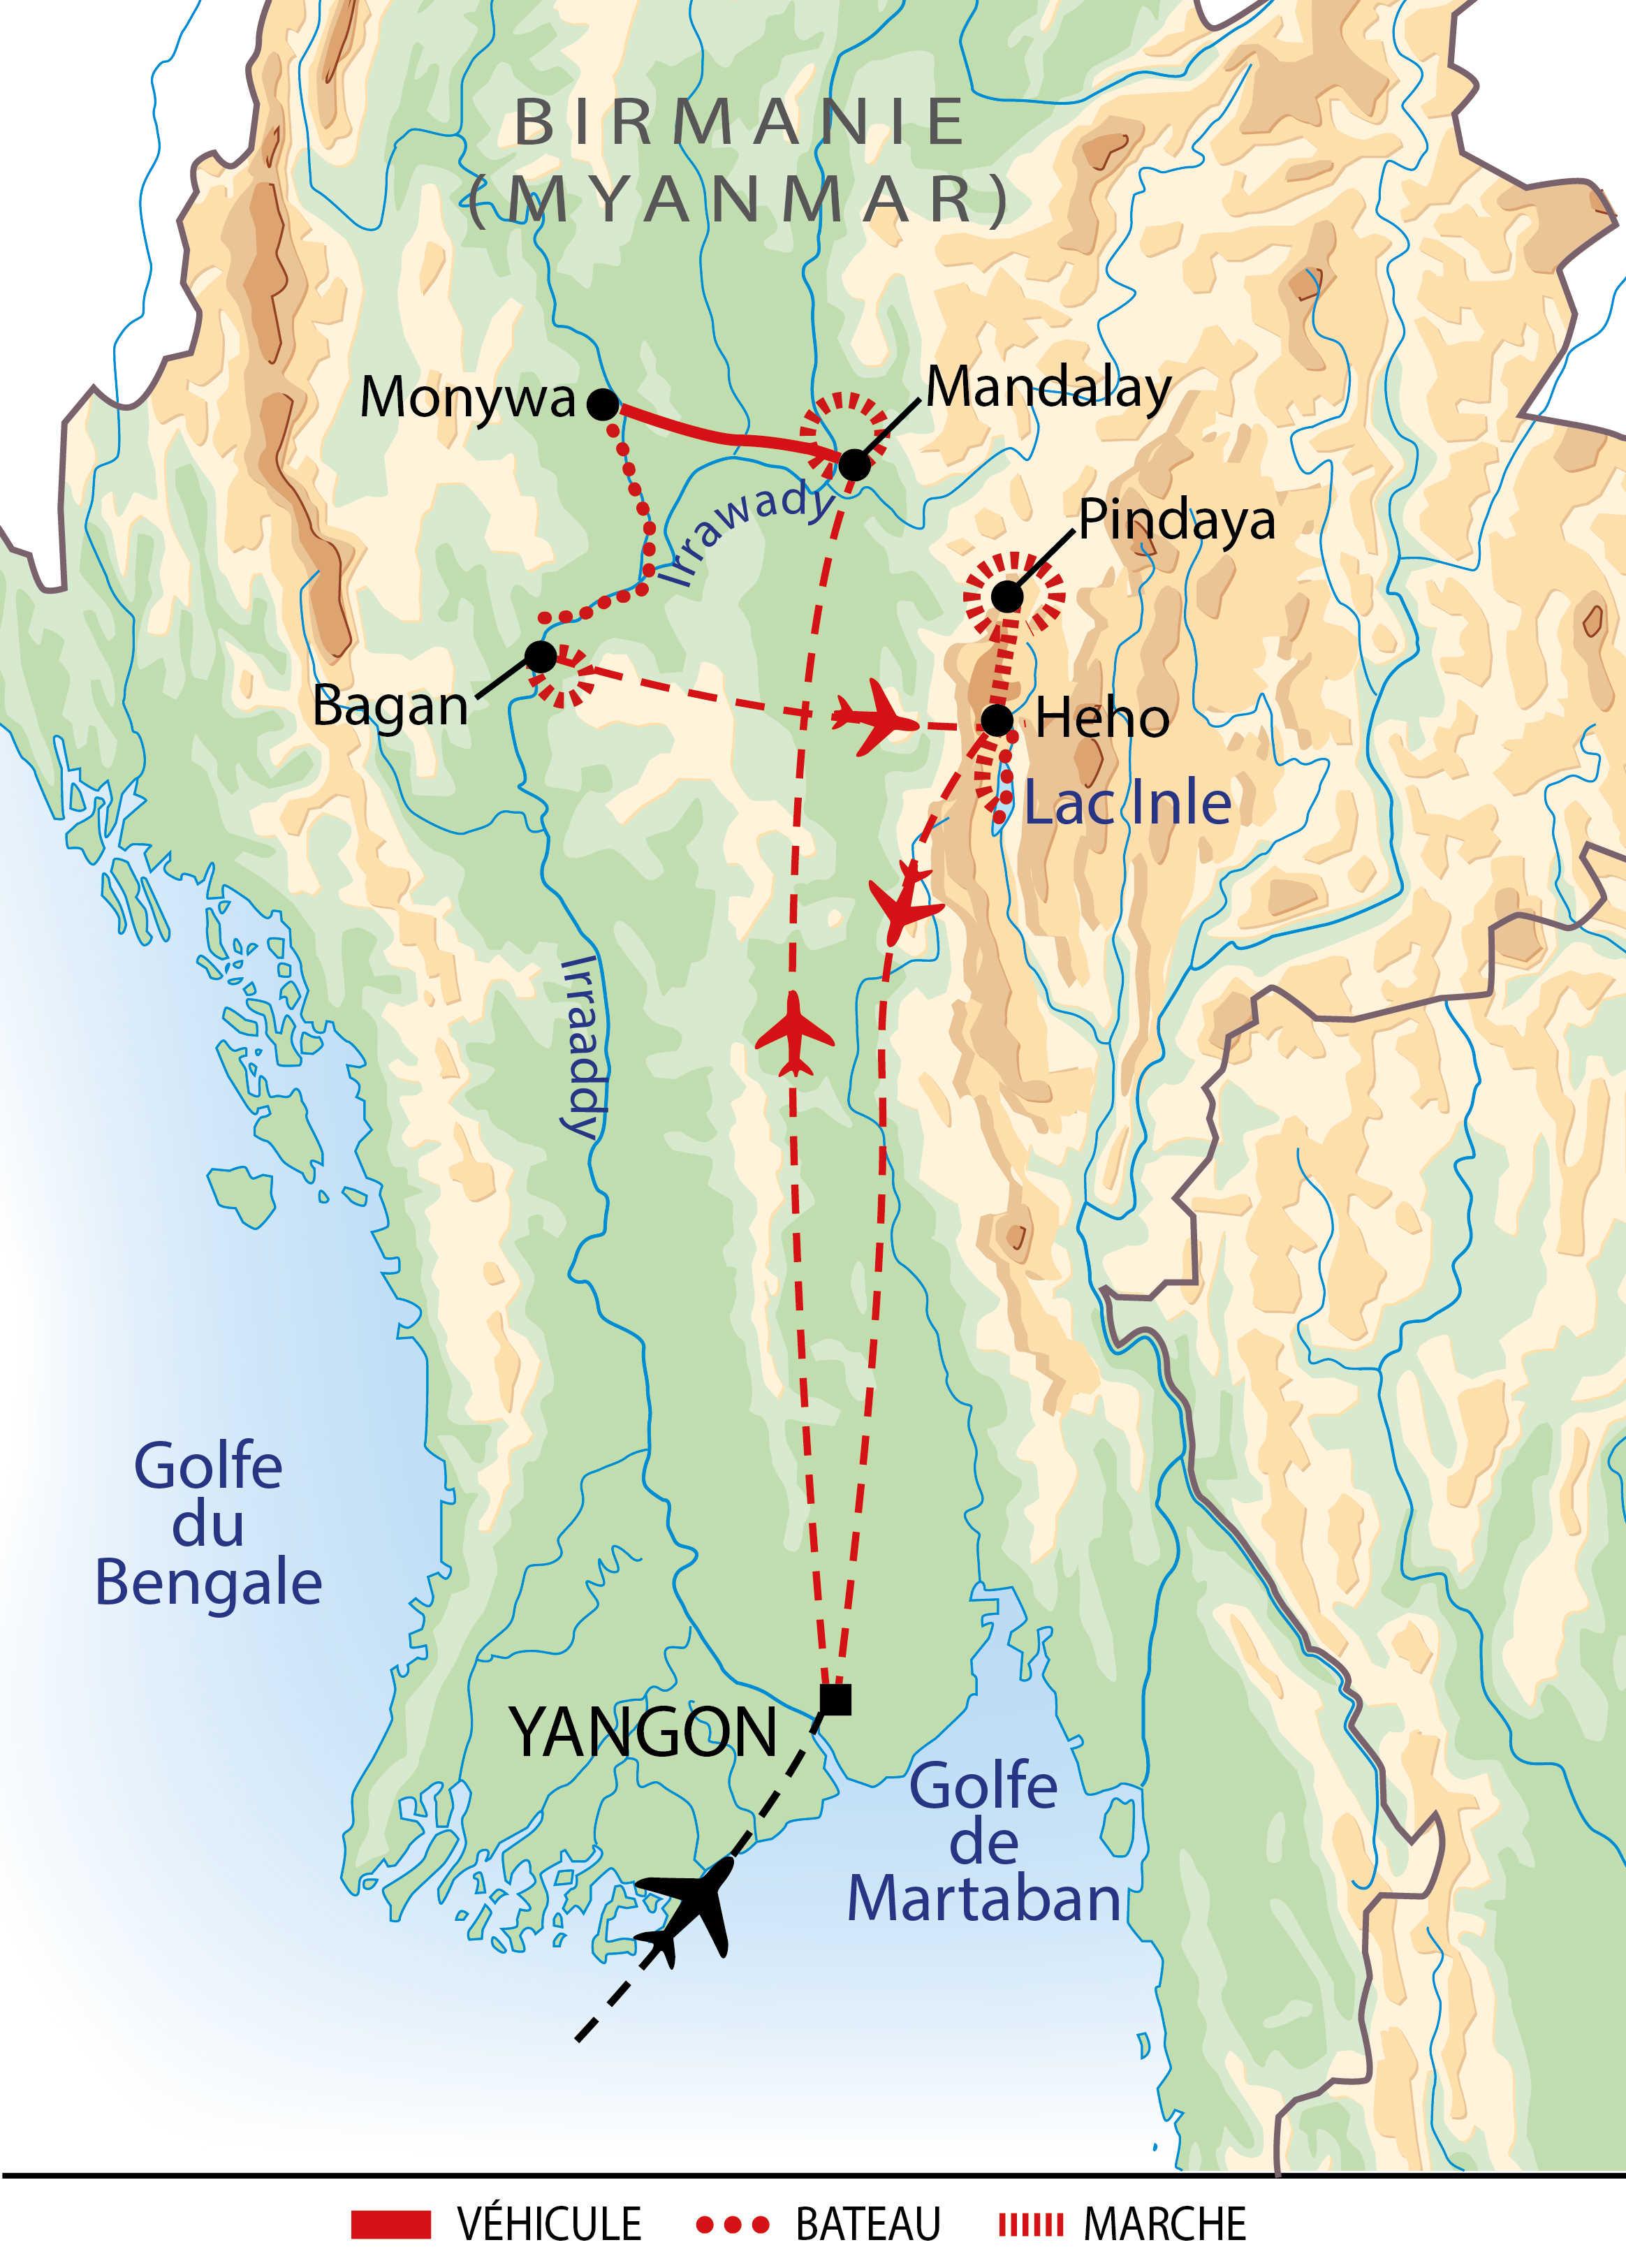 Itinéraire de l'essentiel de la Birmanie